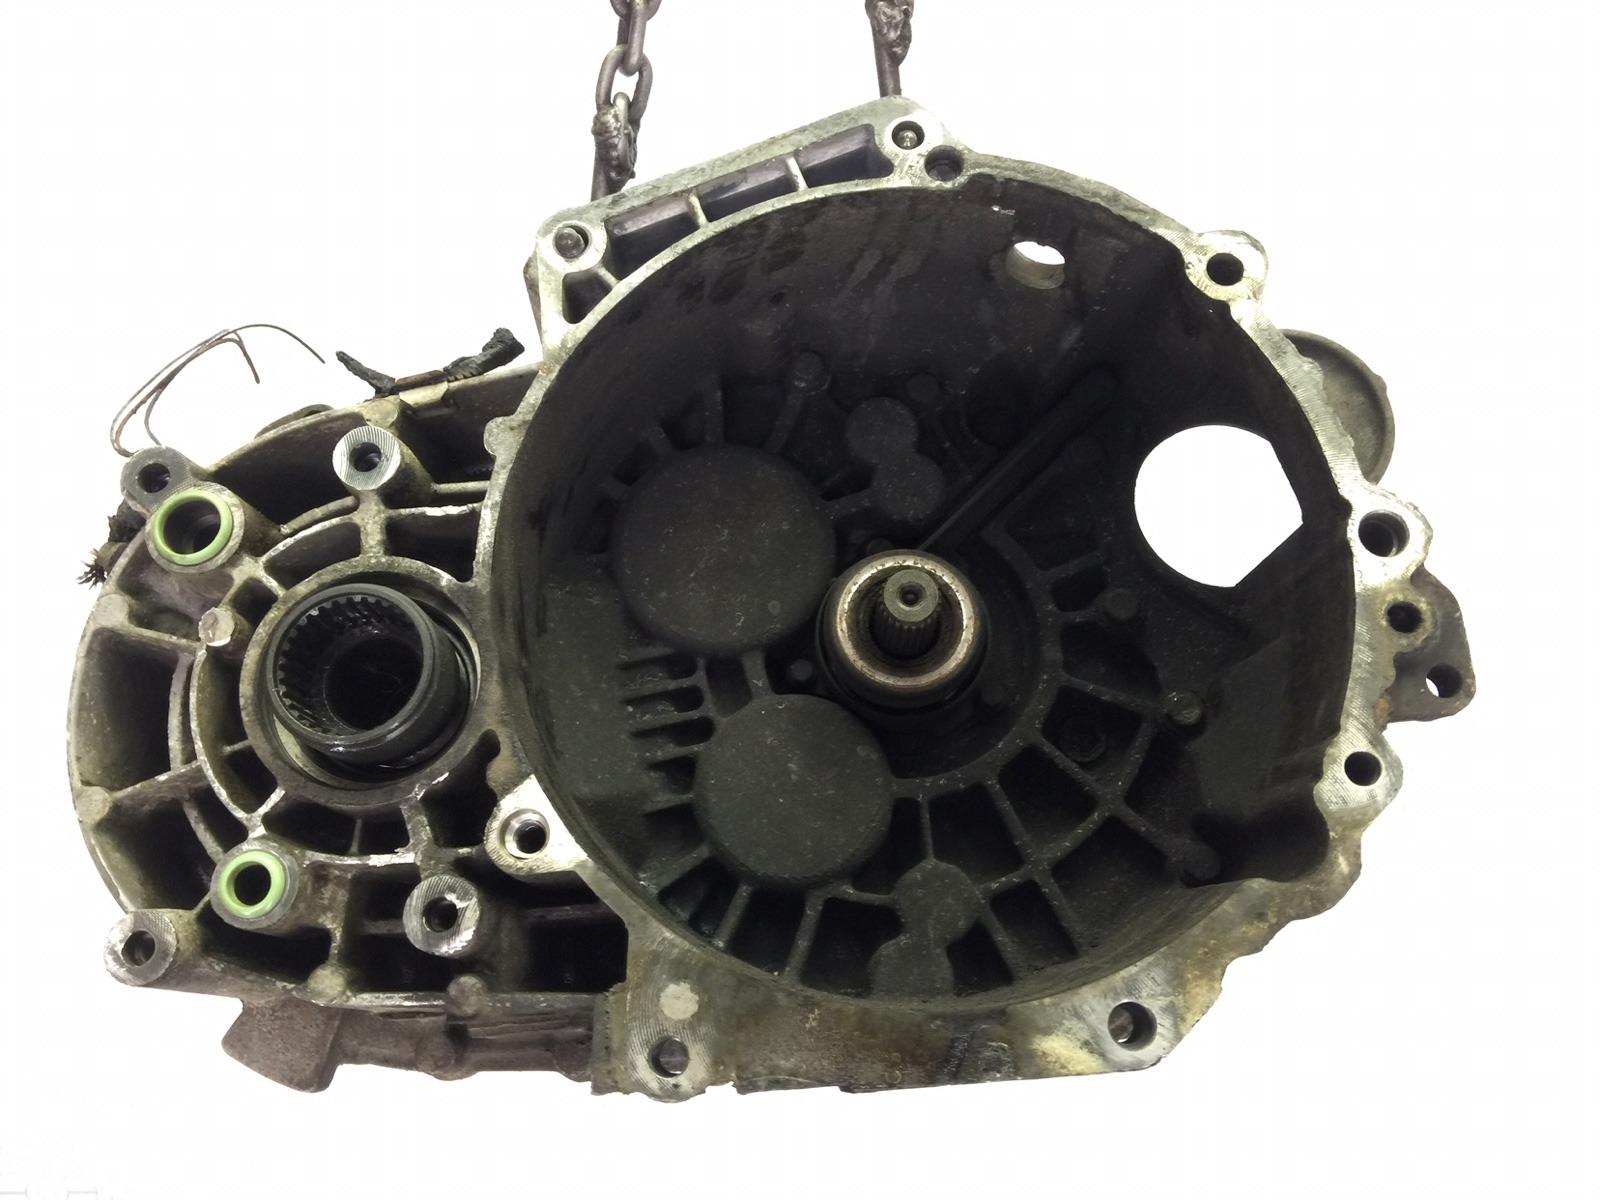 Кпп механическая (мкпп) Audi Tt 8N 1.8 TI 2004 (б/у)